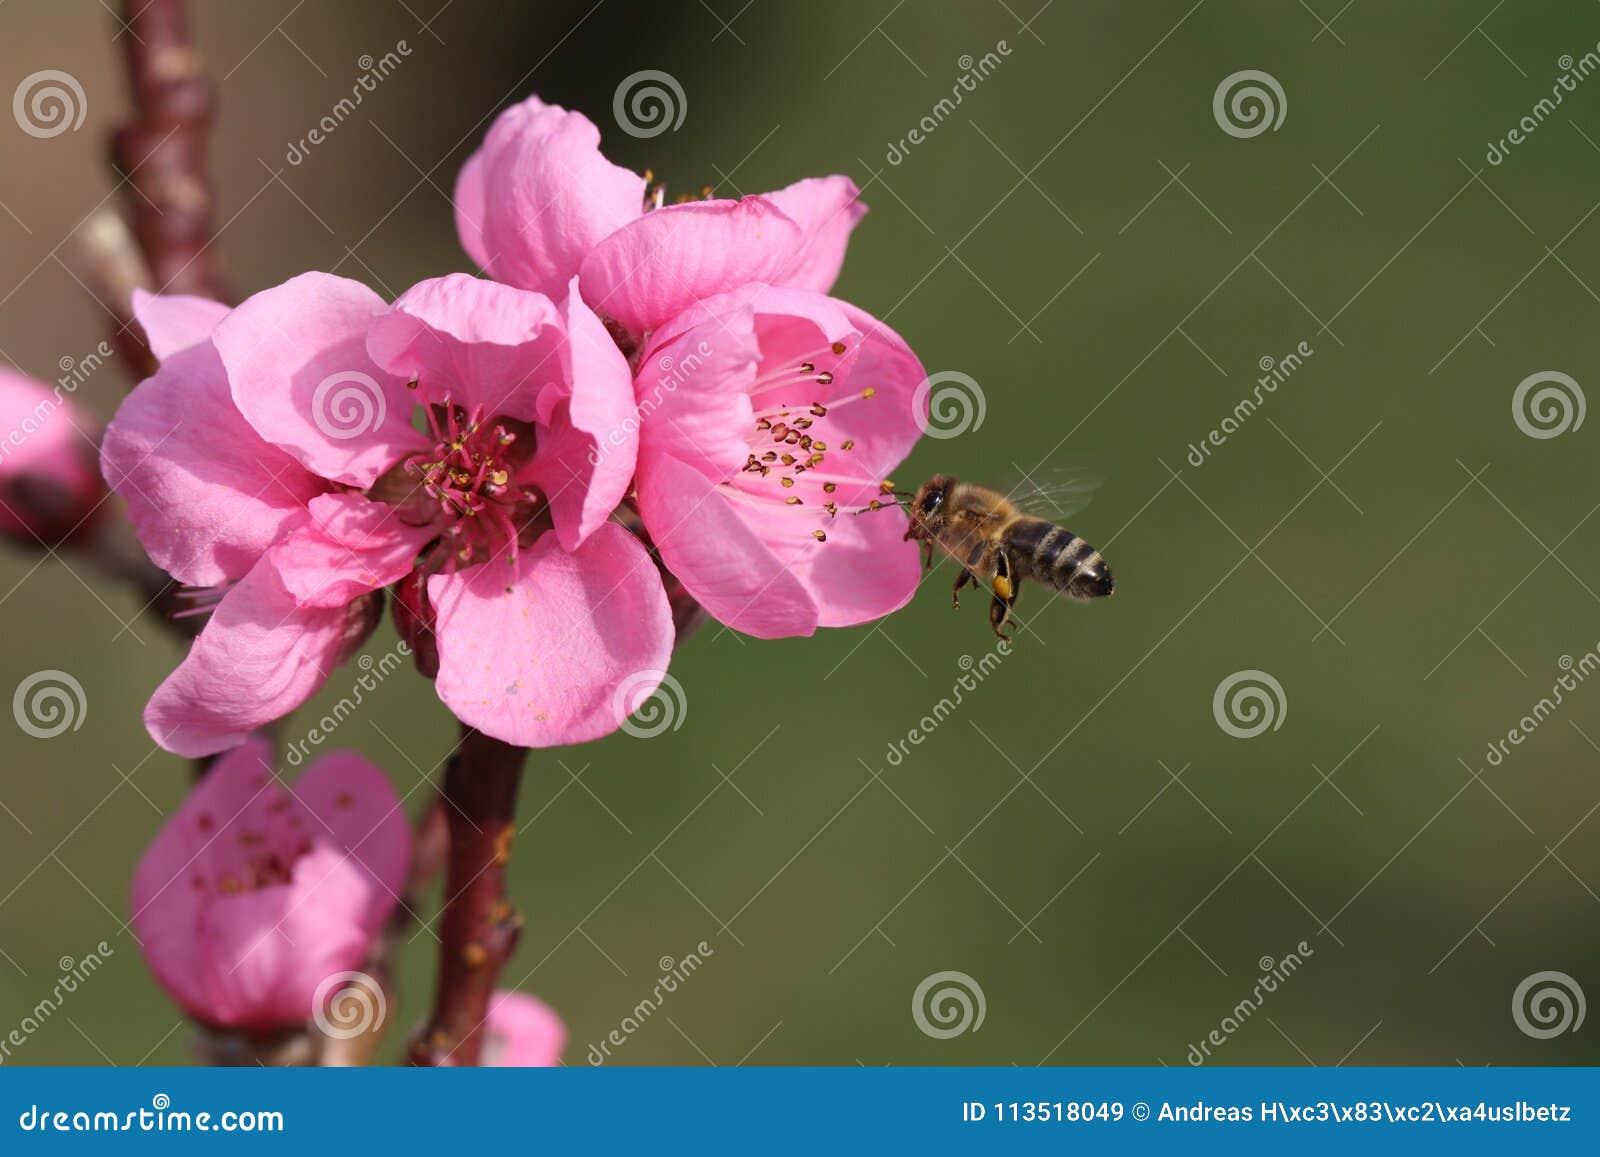 Flor rosado de un árbol frutal con la abeja del vuelo